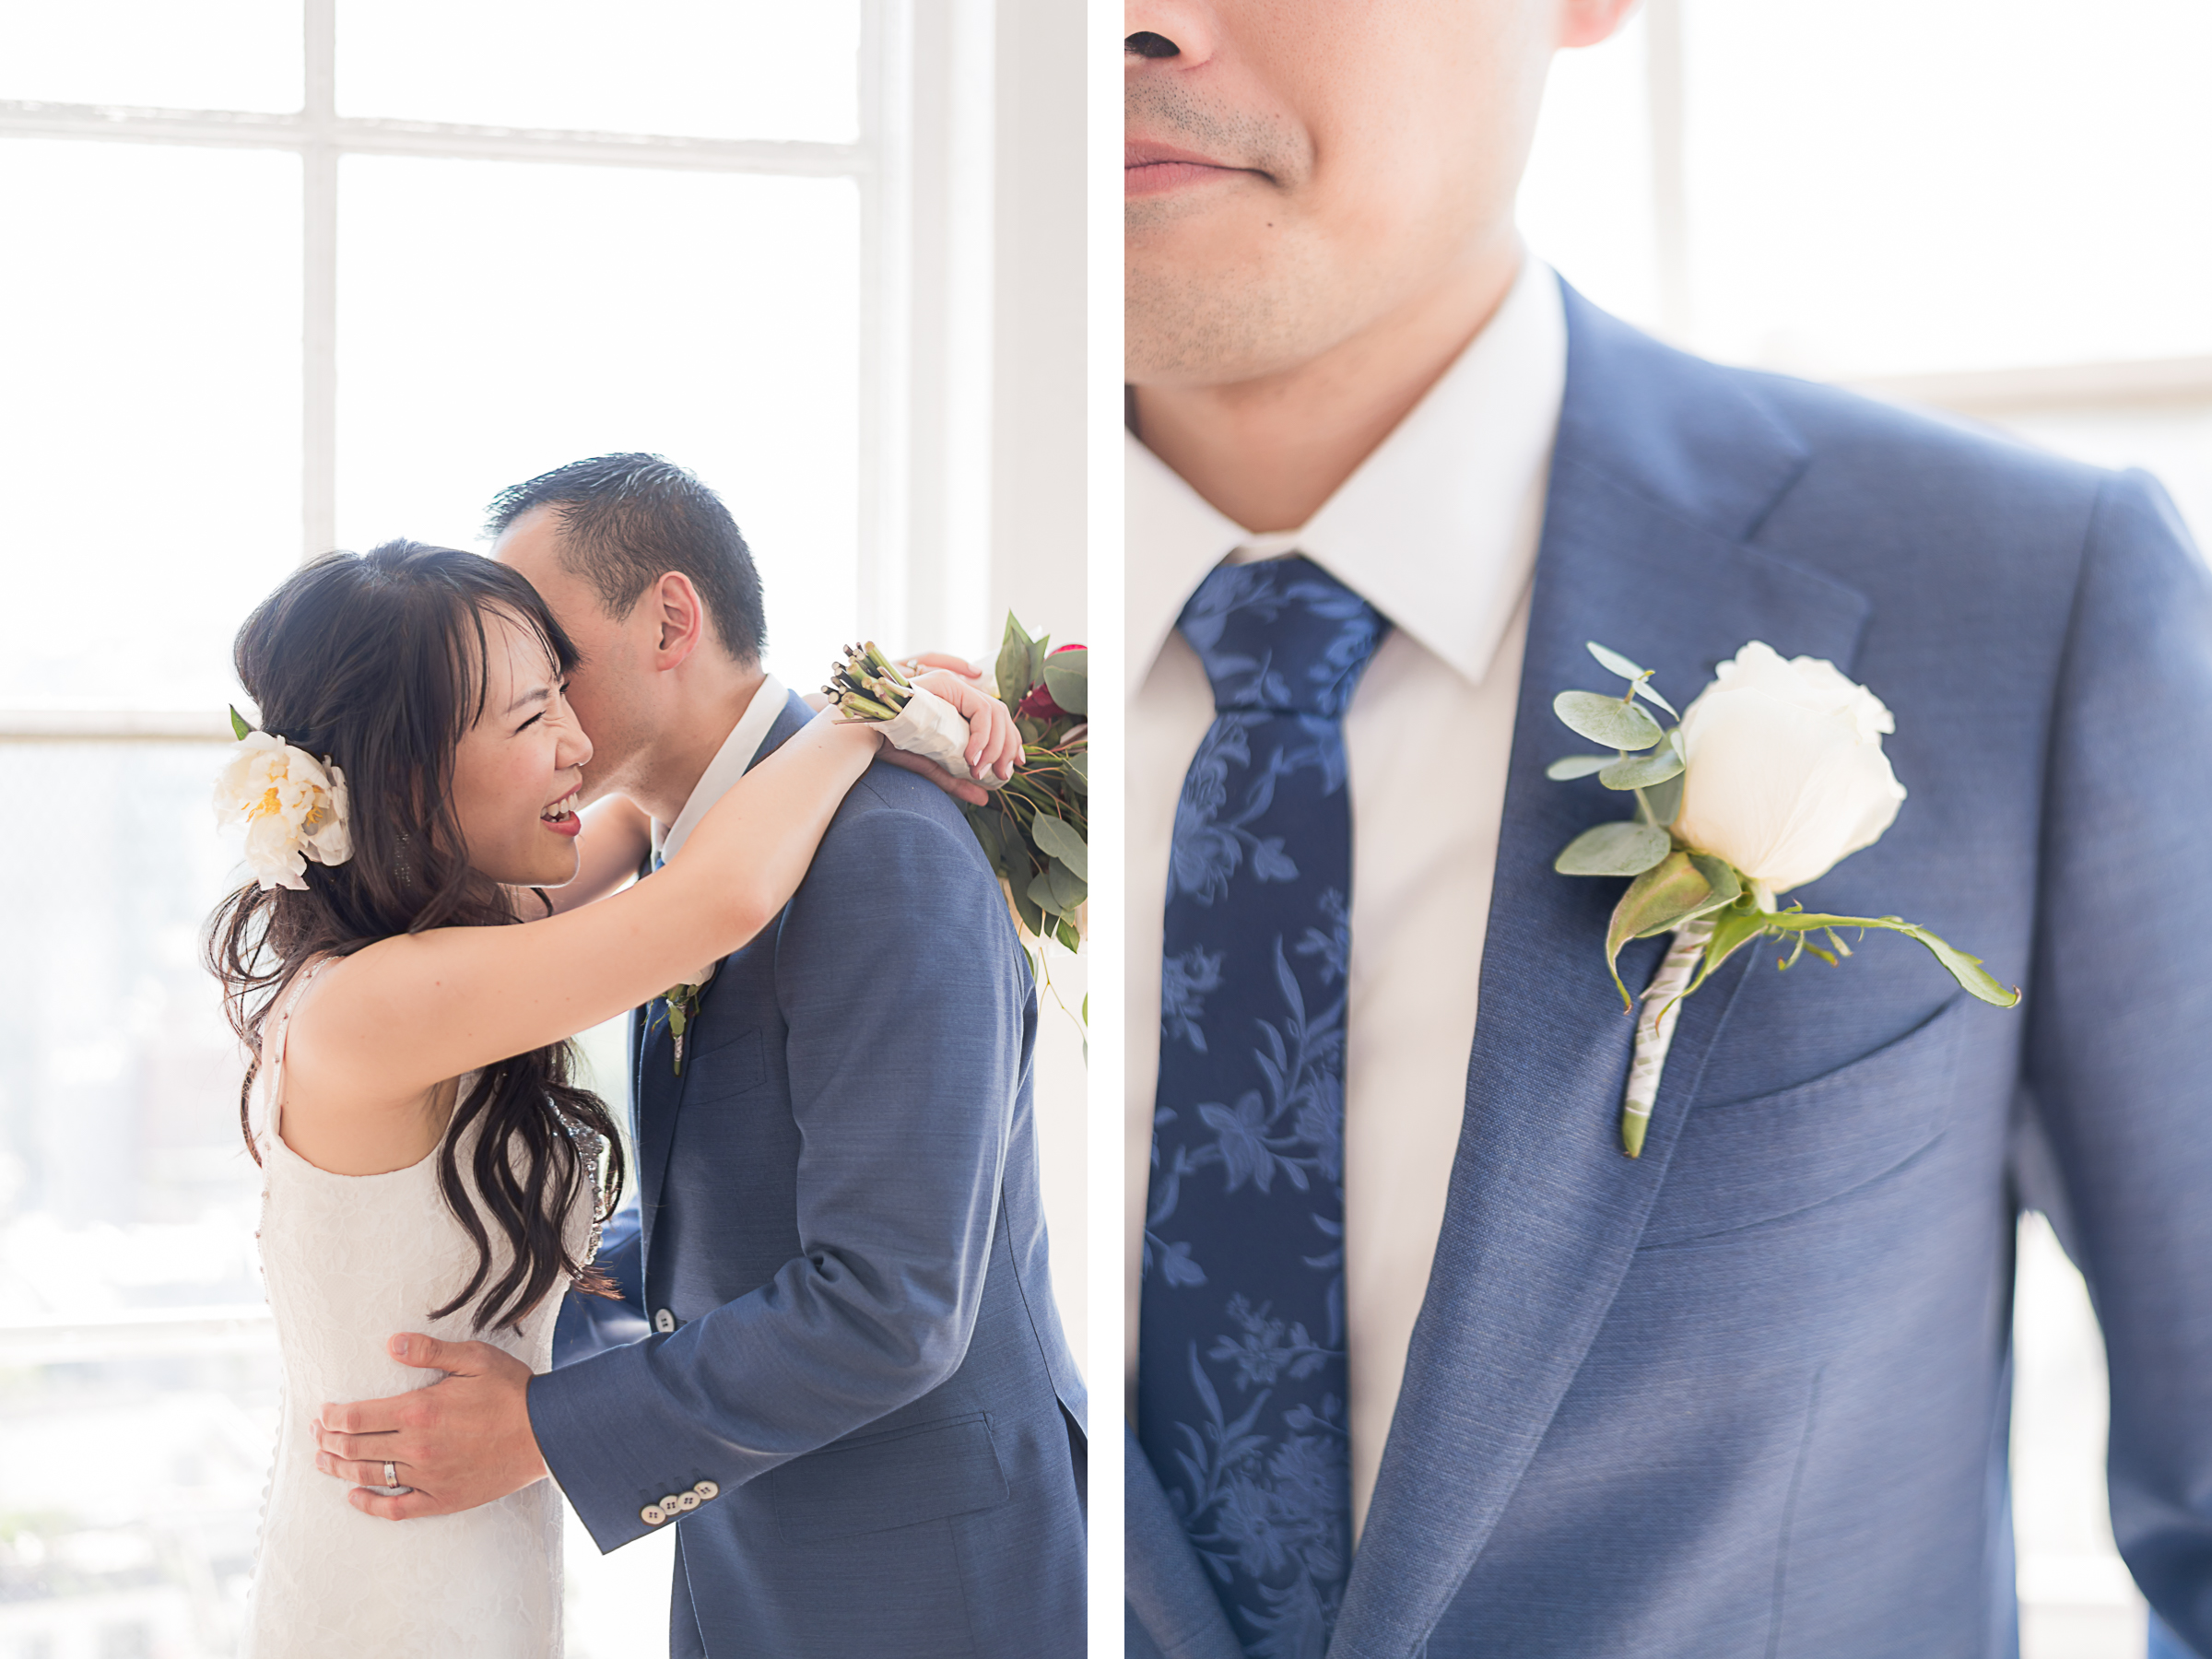 NYC-Ramscale-Wedding-Bride-Groom-Laugh.jpg